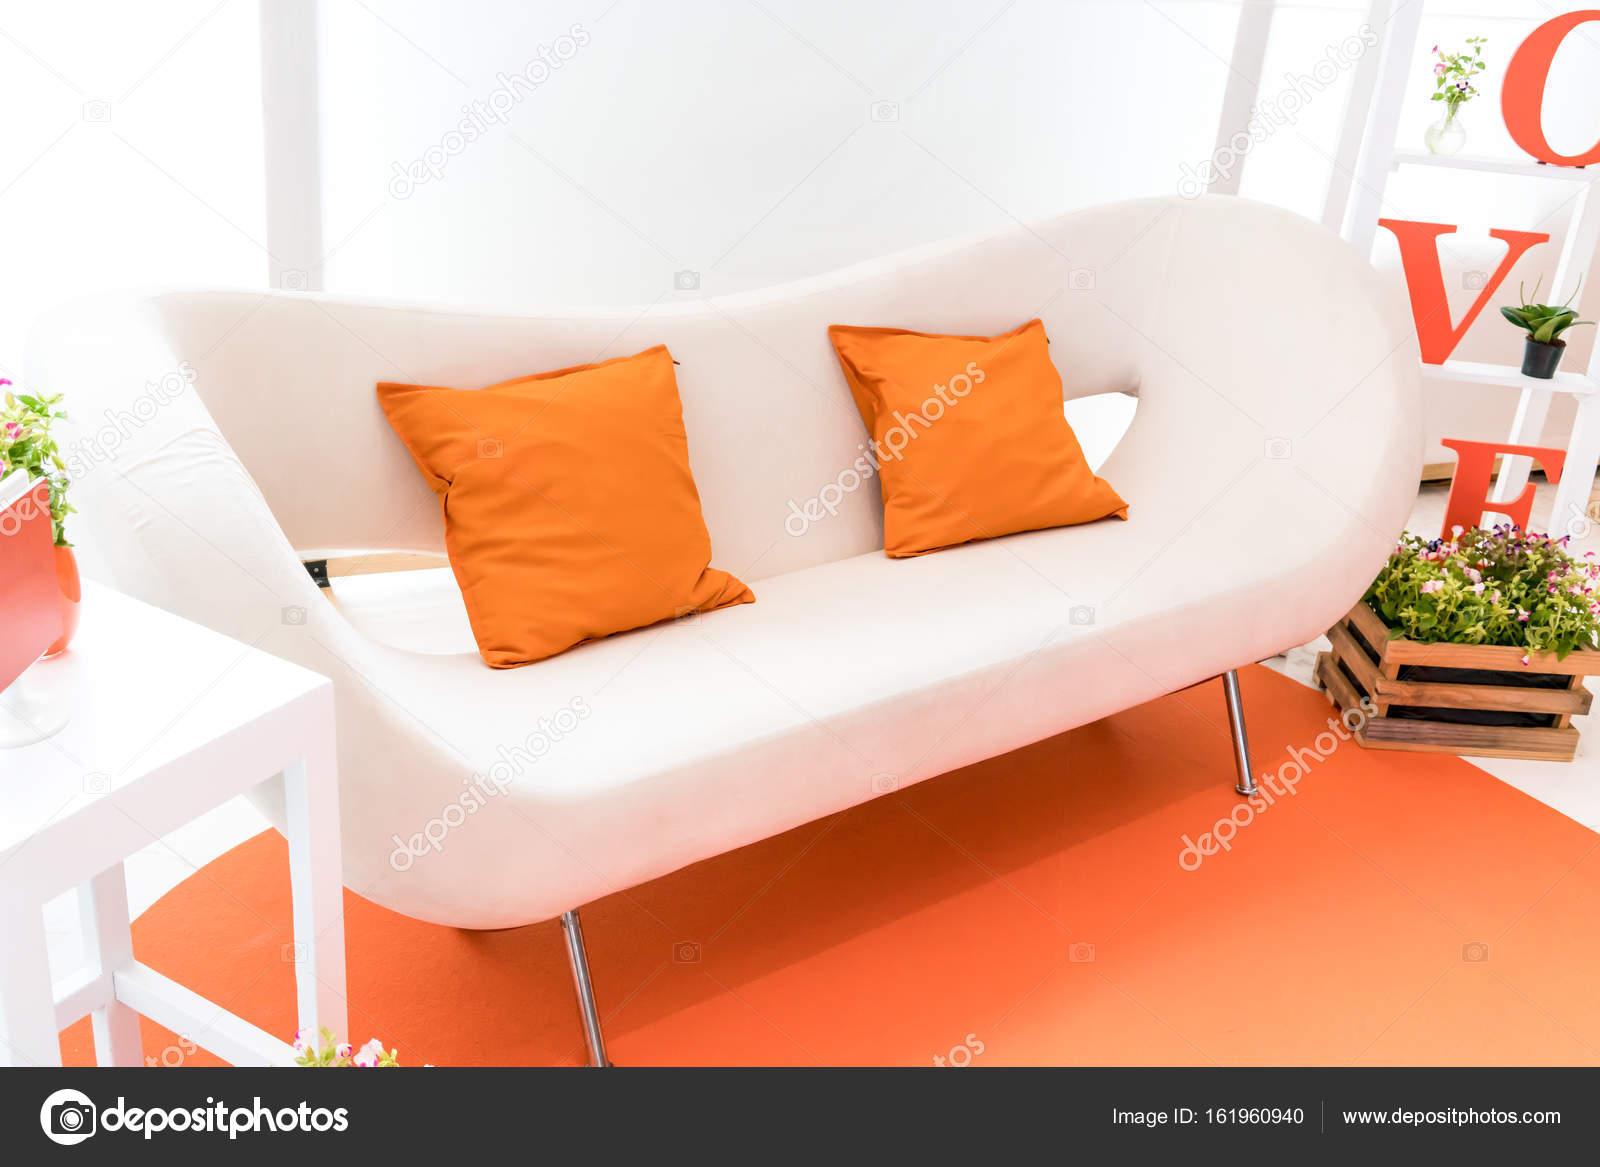 Wohnzimmer-Anzeige in orange Thema hautnah — Stockfoto © v74 #161960940